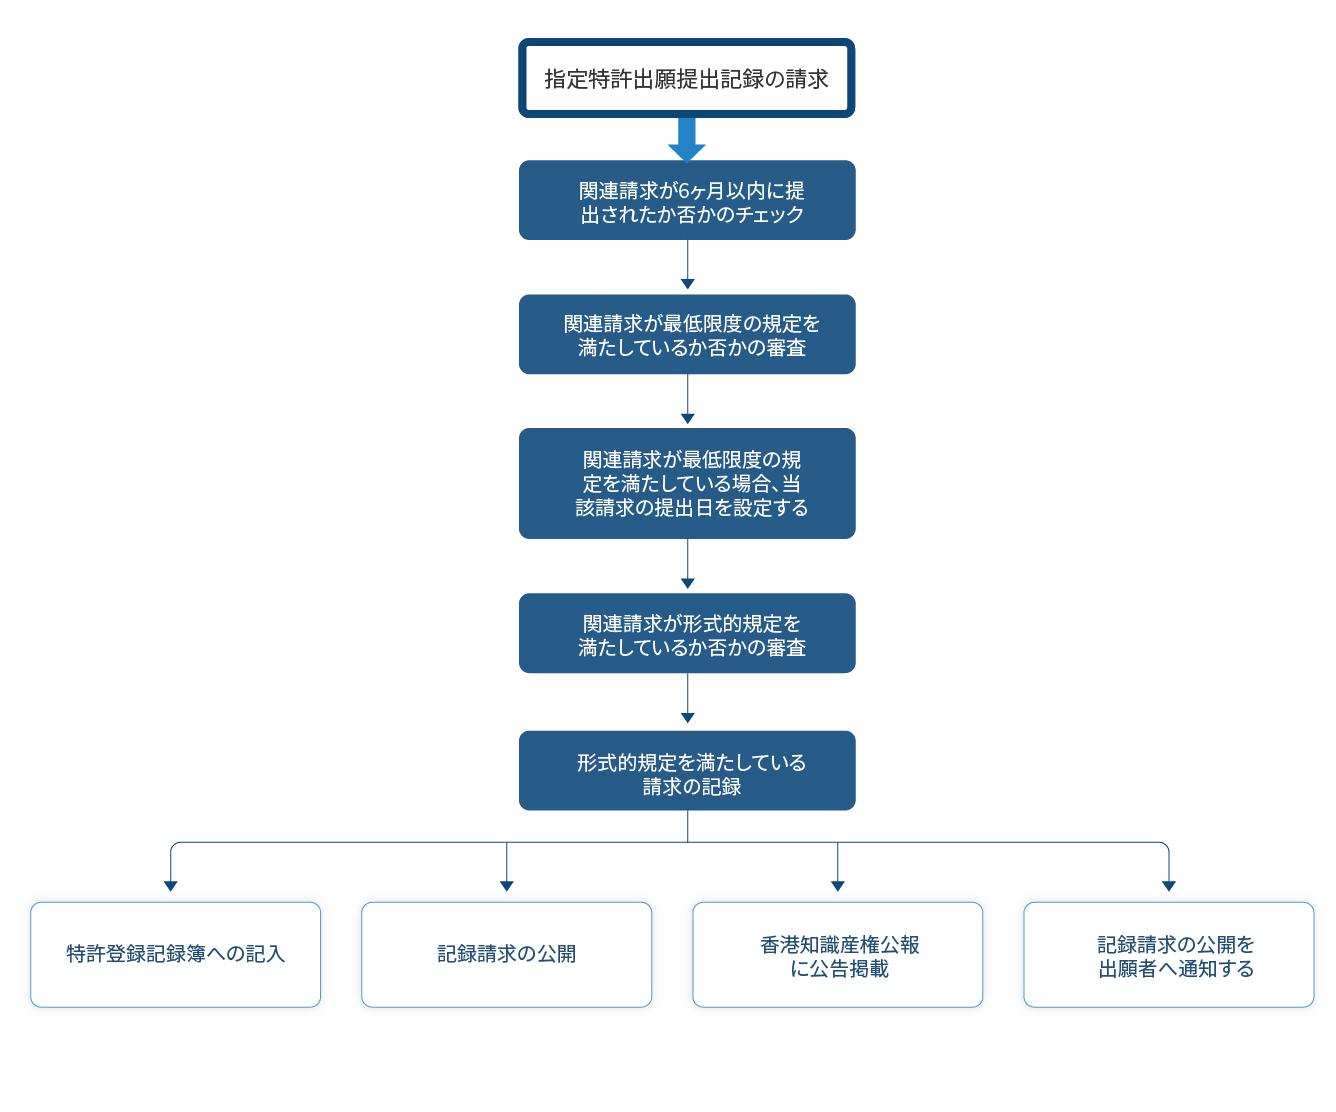 転記標準特許-記録請求の審査プロセス